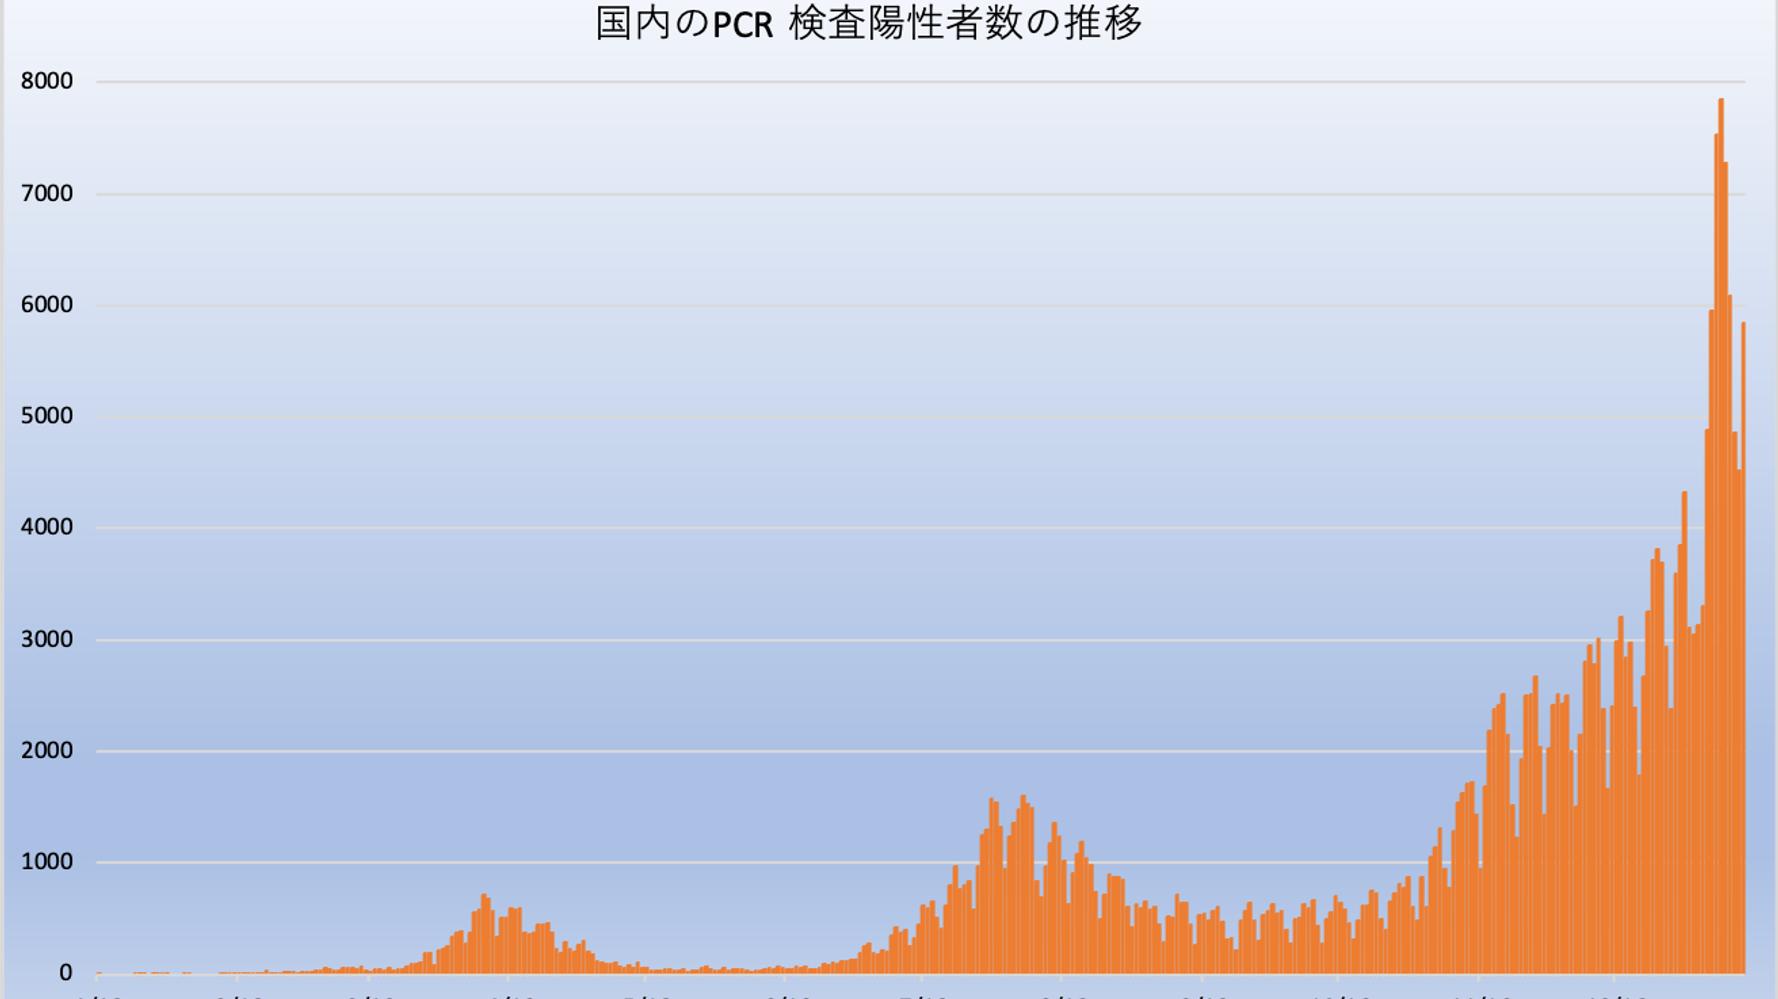 感染 グラフ 者 数 コロナ ウイルス 日本 新型コロナウイルス【感染者数-都道府県別】グラフ・マップ表示